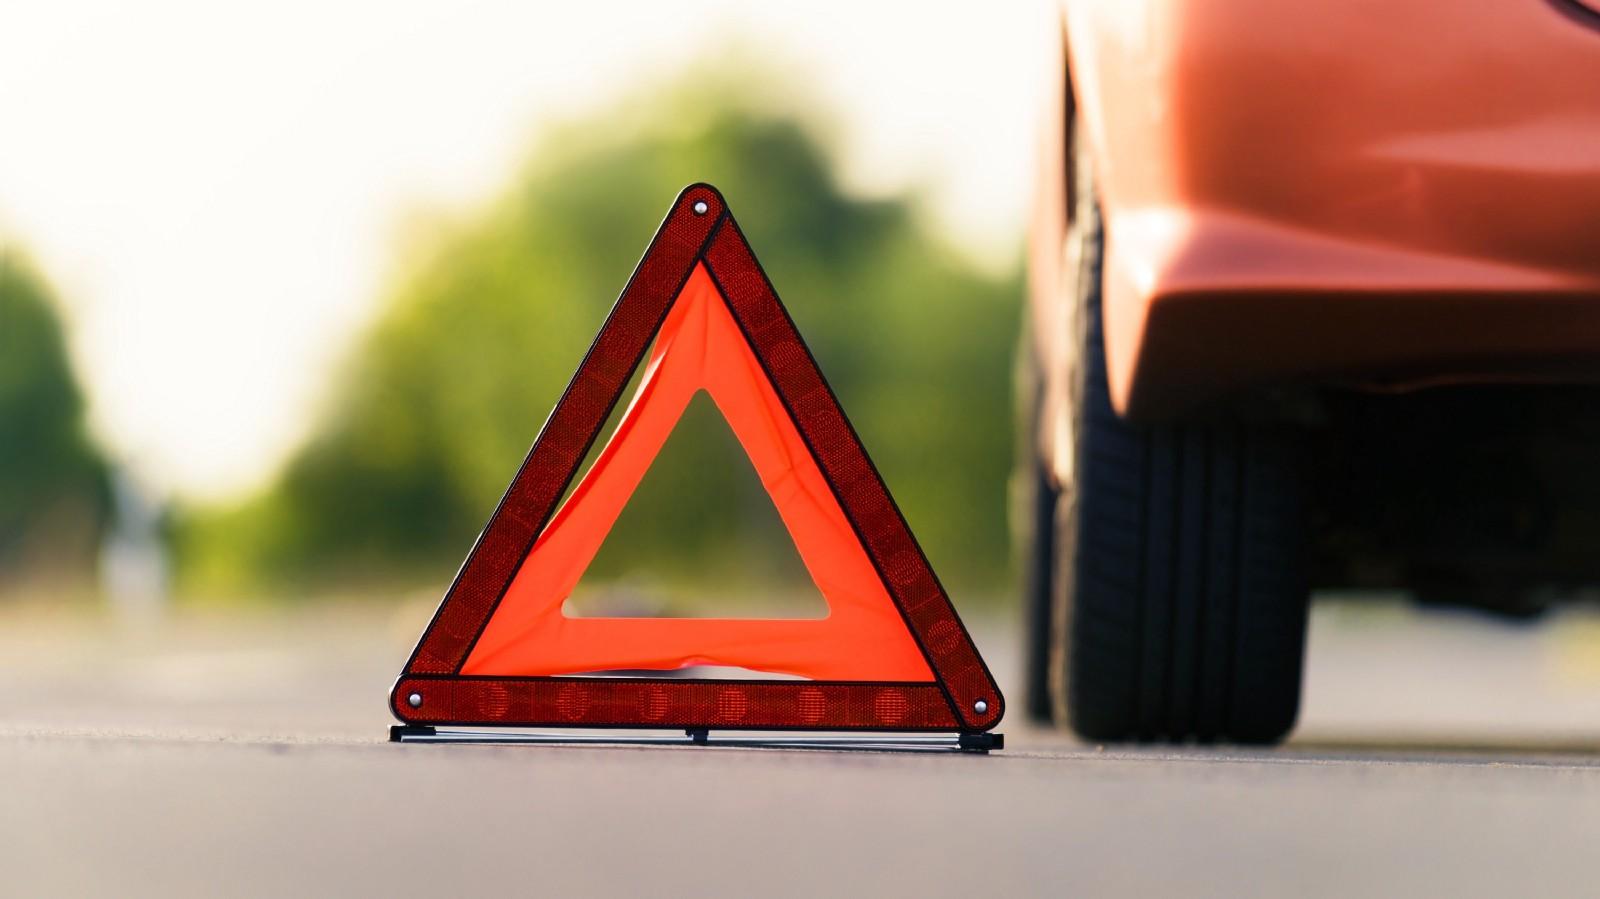 На брянской трассе неизвестный автомобилист сбил мужчину и скрылся